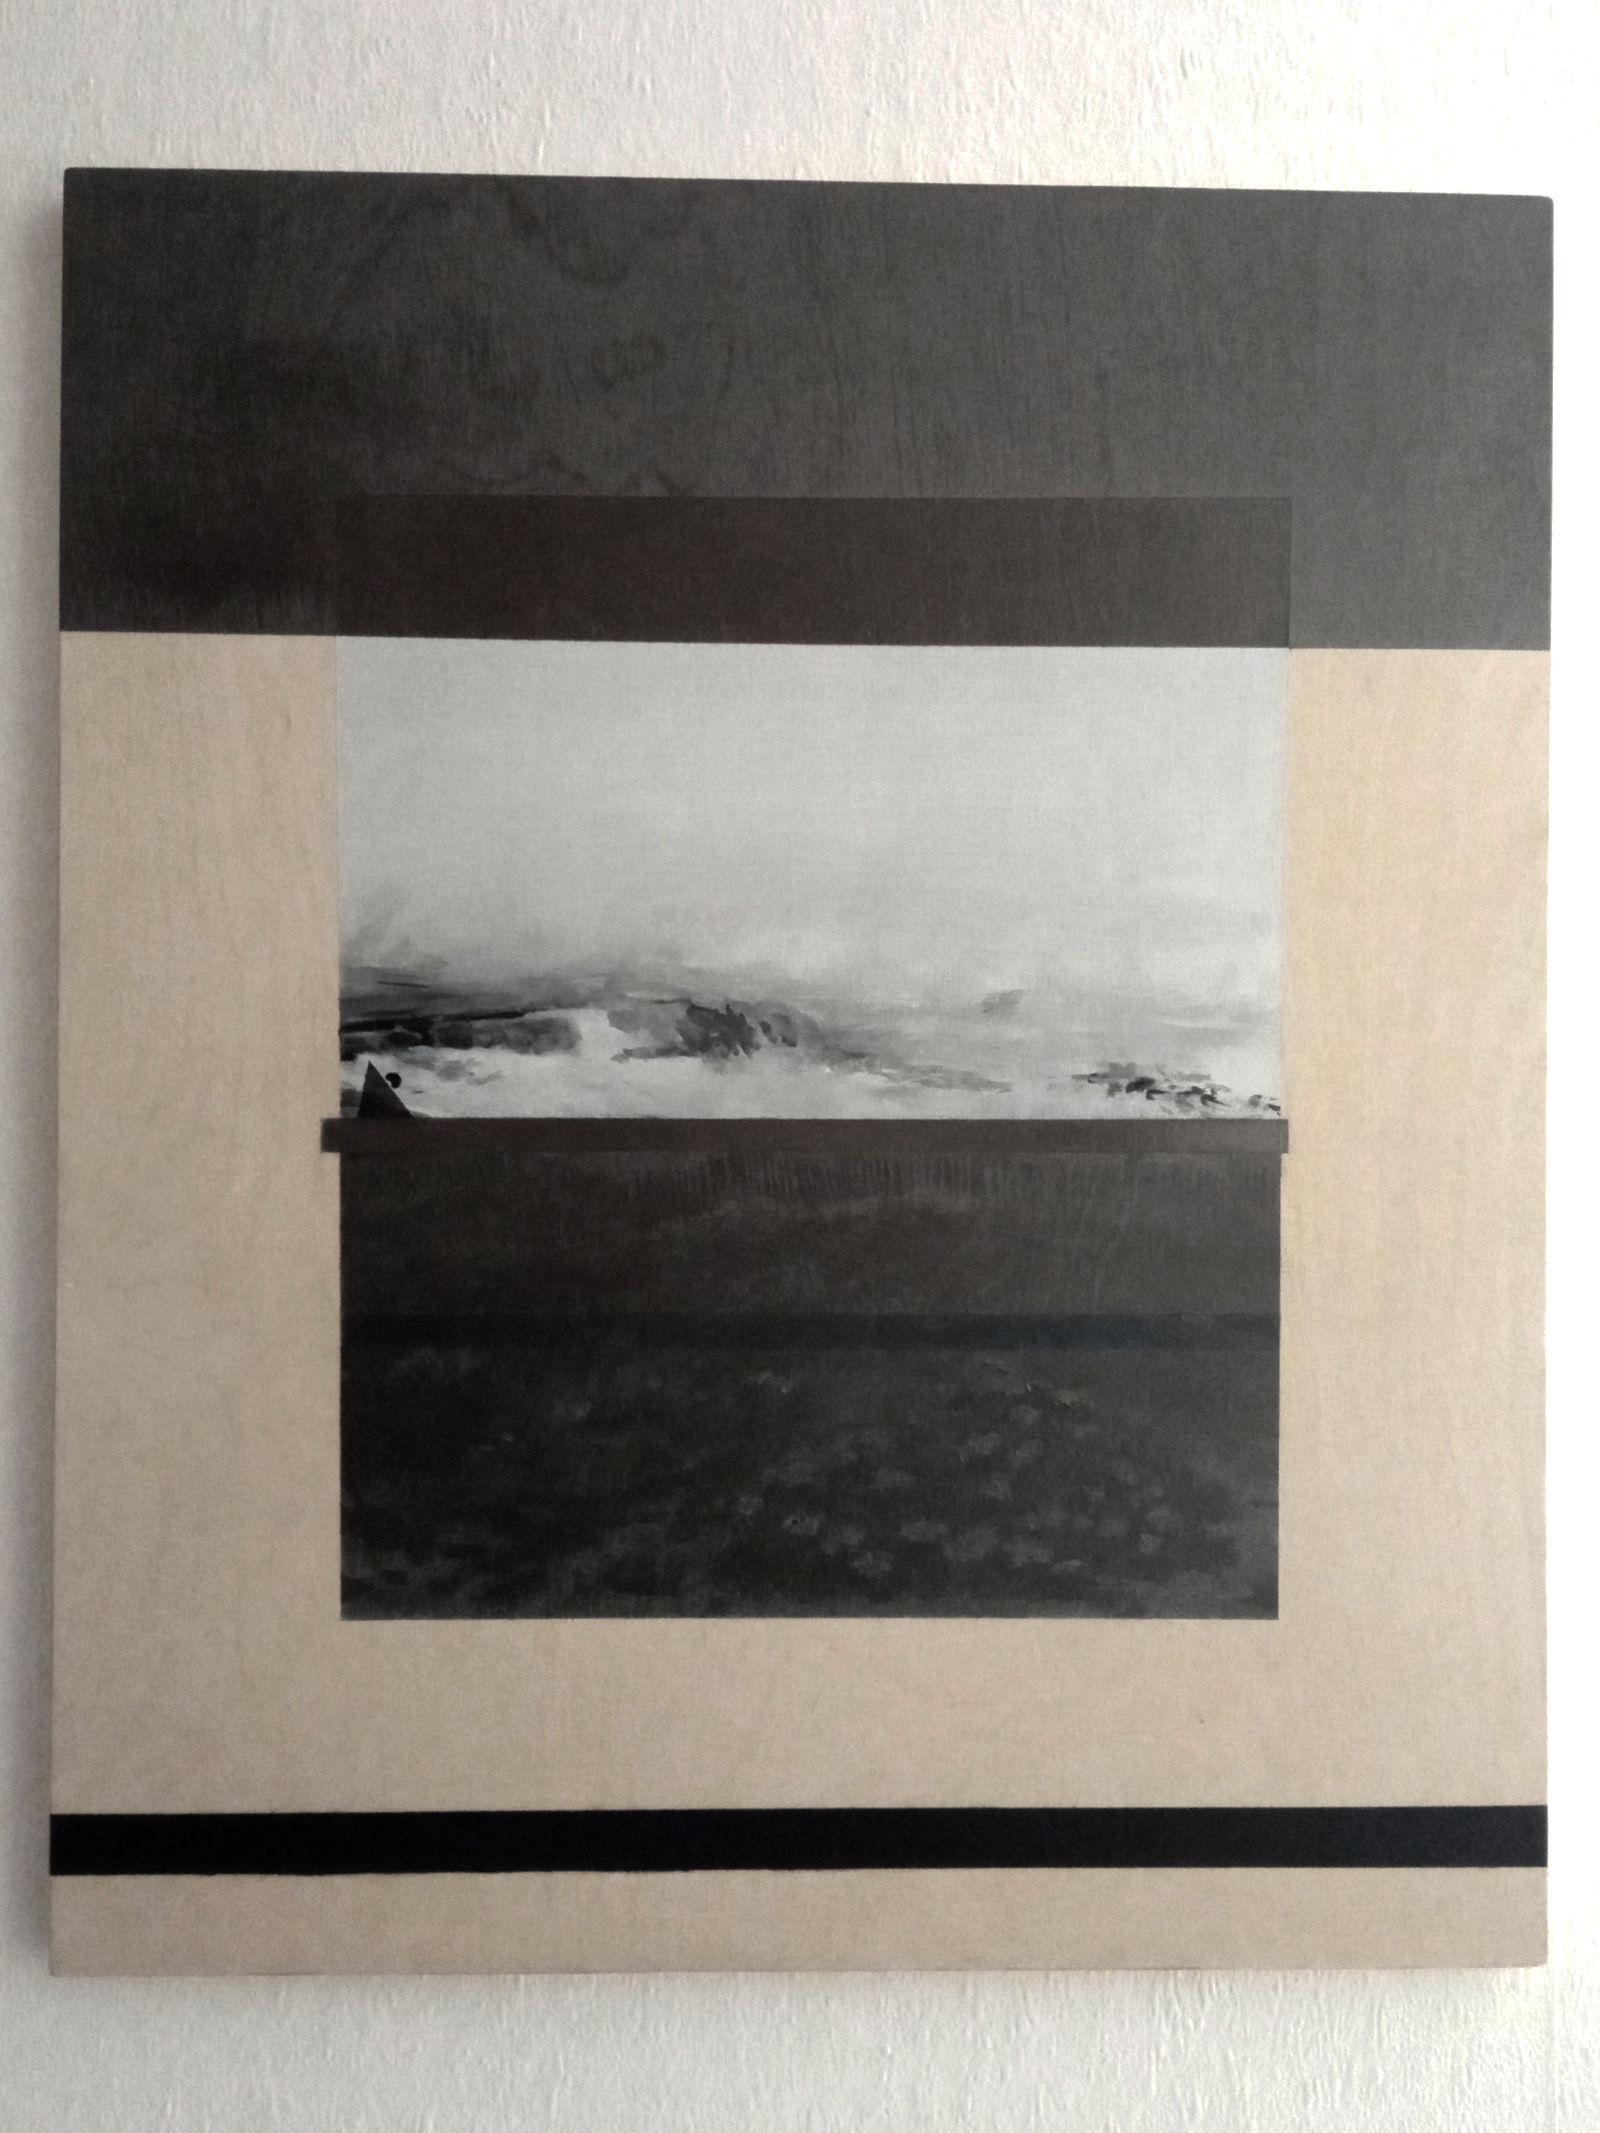 La Plage dessin de Fabien Granet sur bois_1